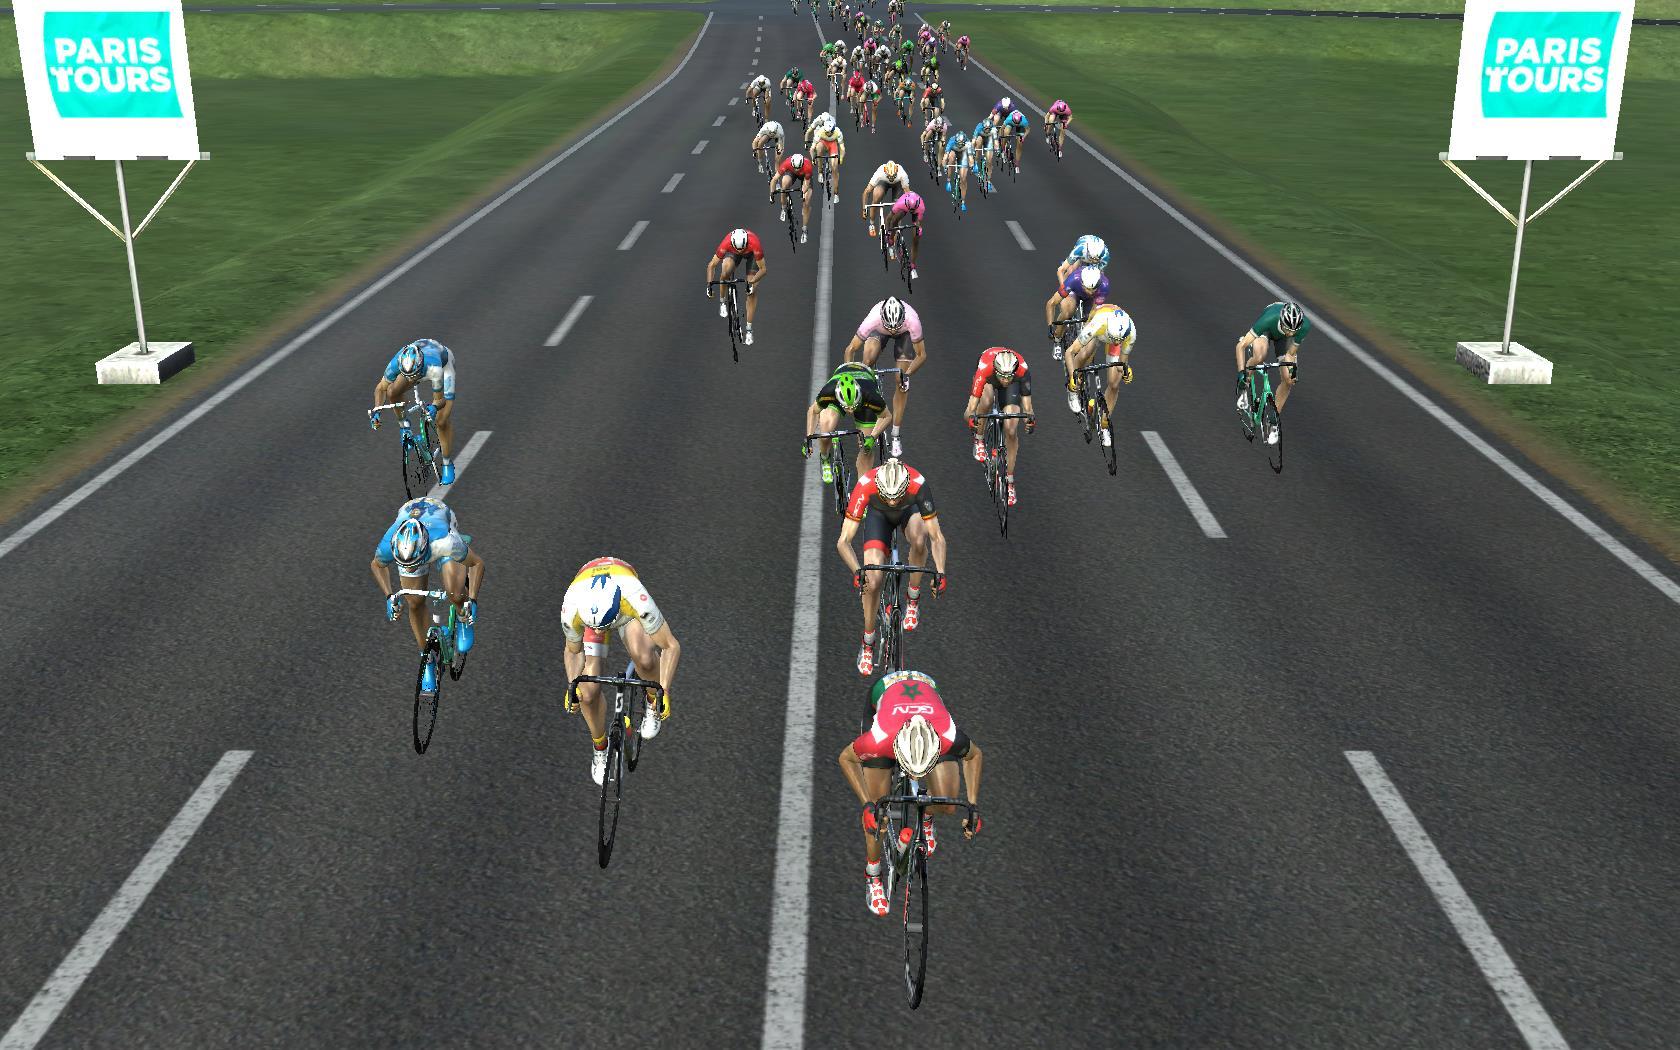 pcmdaily.com/images/mg/2018/Races/C2HC/ParisTours/PCM0017.jpg